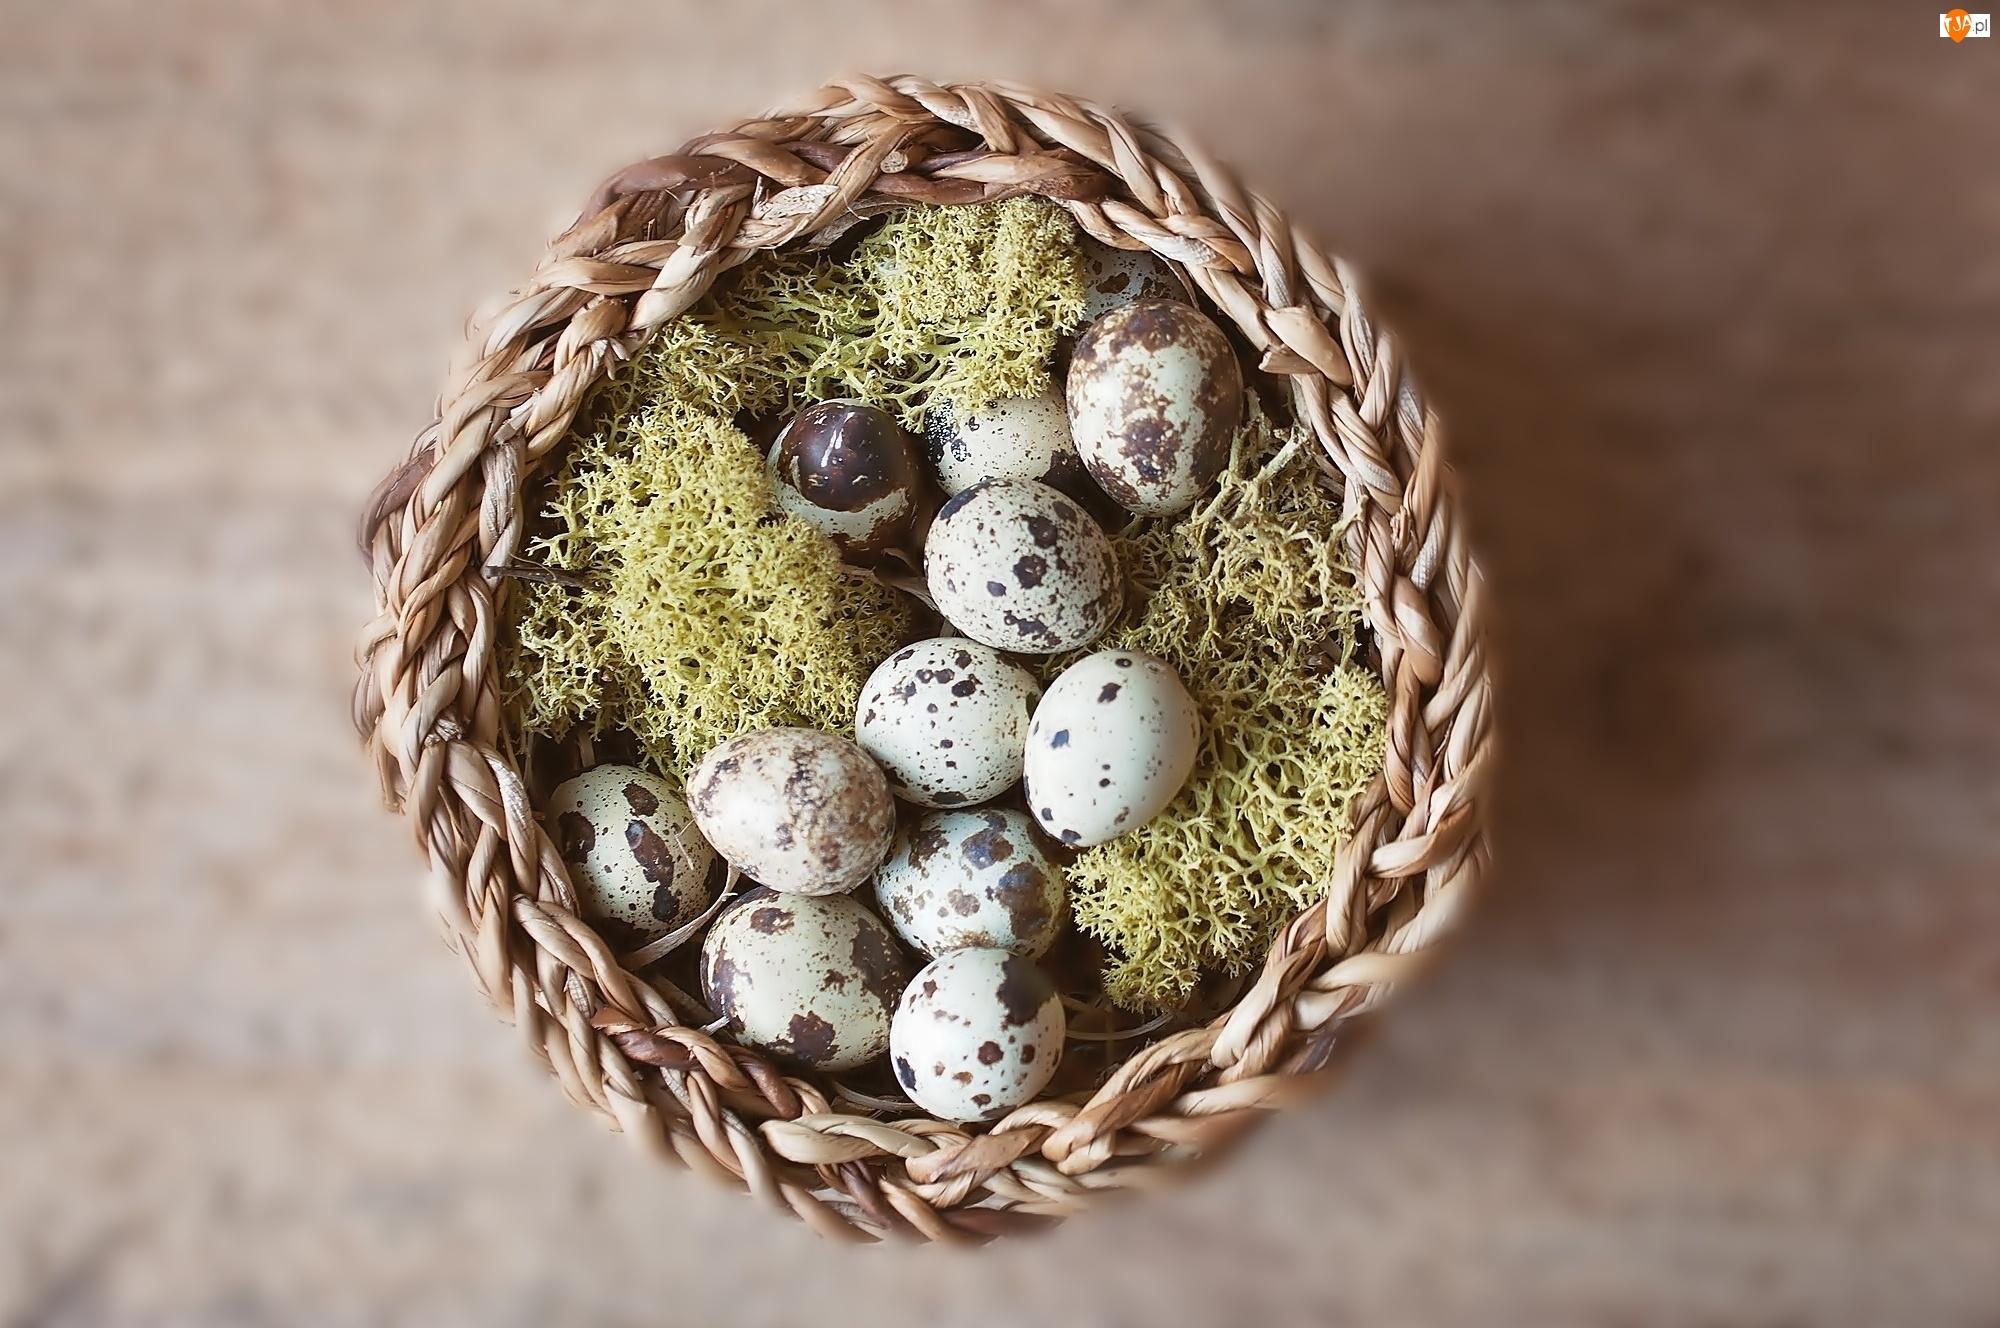 Mech, Wielkanoc, Jajka, Nakrapiane, Koszyk